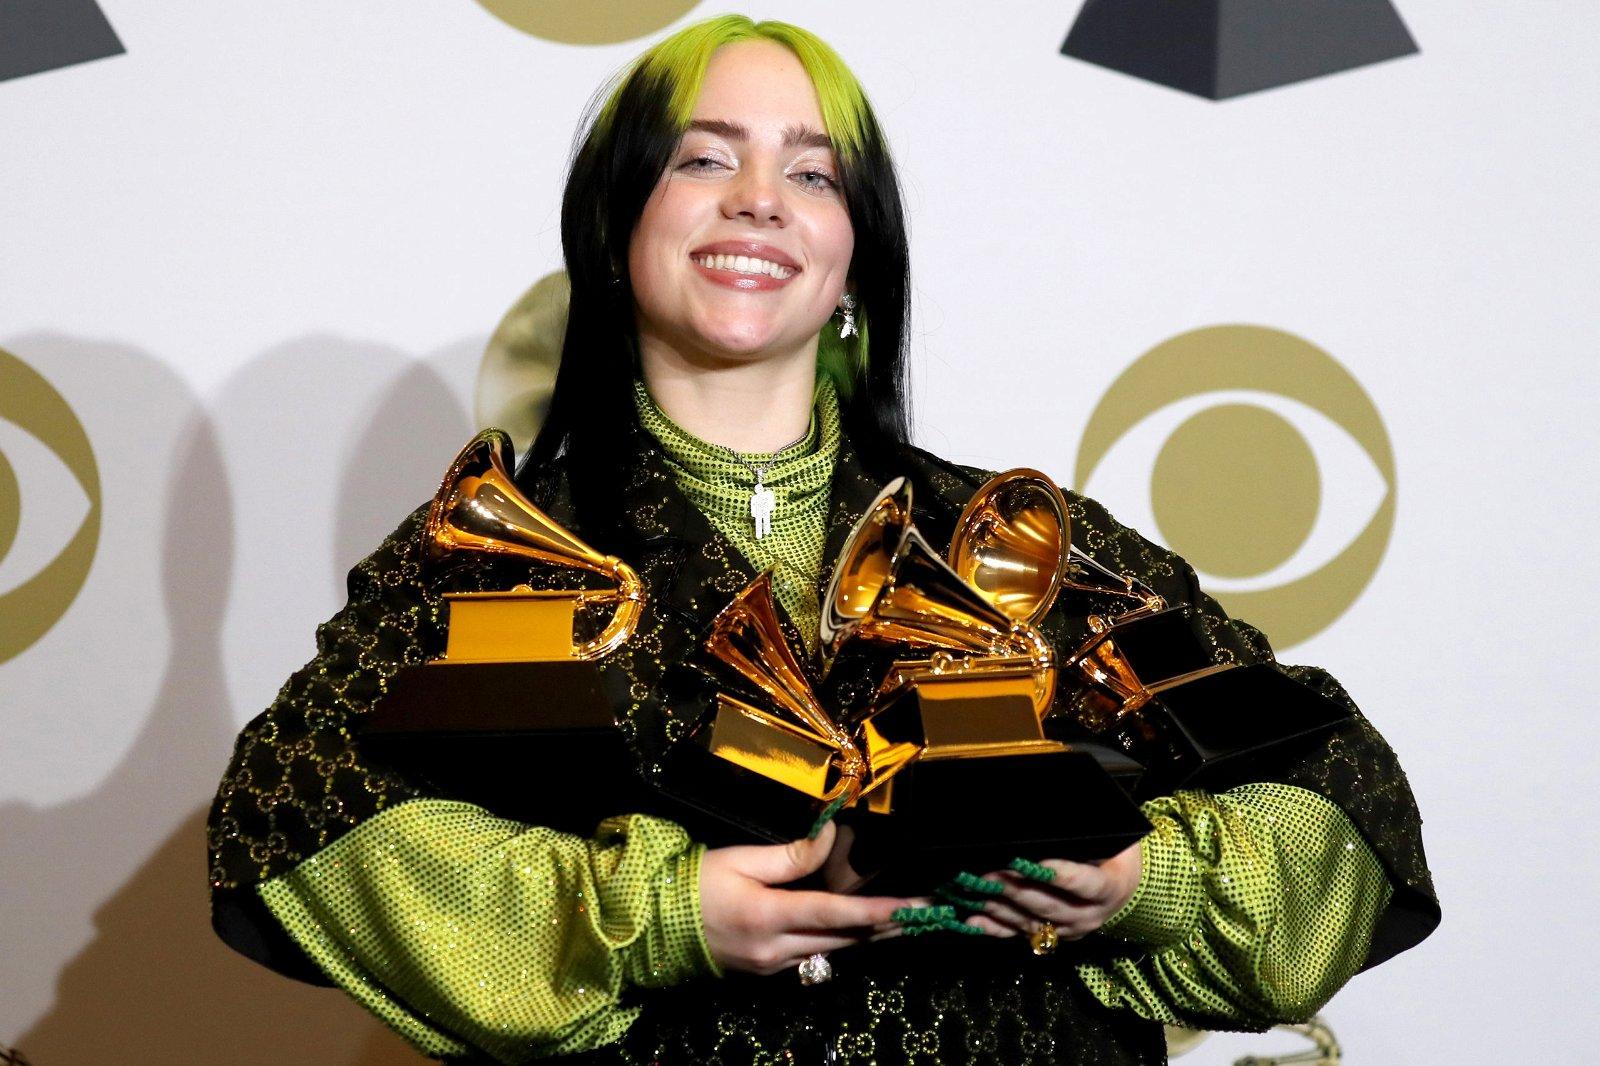 Het achttienjarige popfenomeen Billie Eilish sleepte vijf Grammy's in de wacht, waaronder de vier belangrijkste. - EPA/DAVID SWANSON.